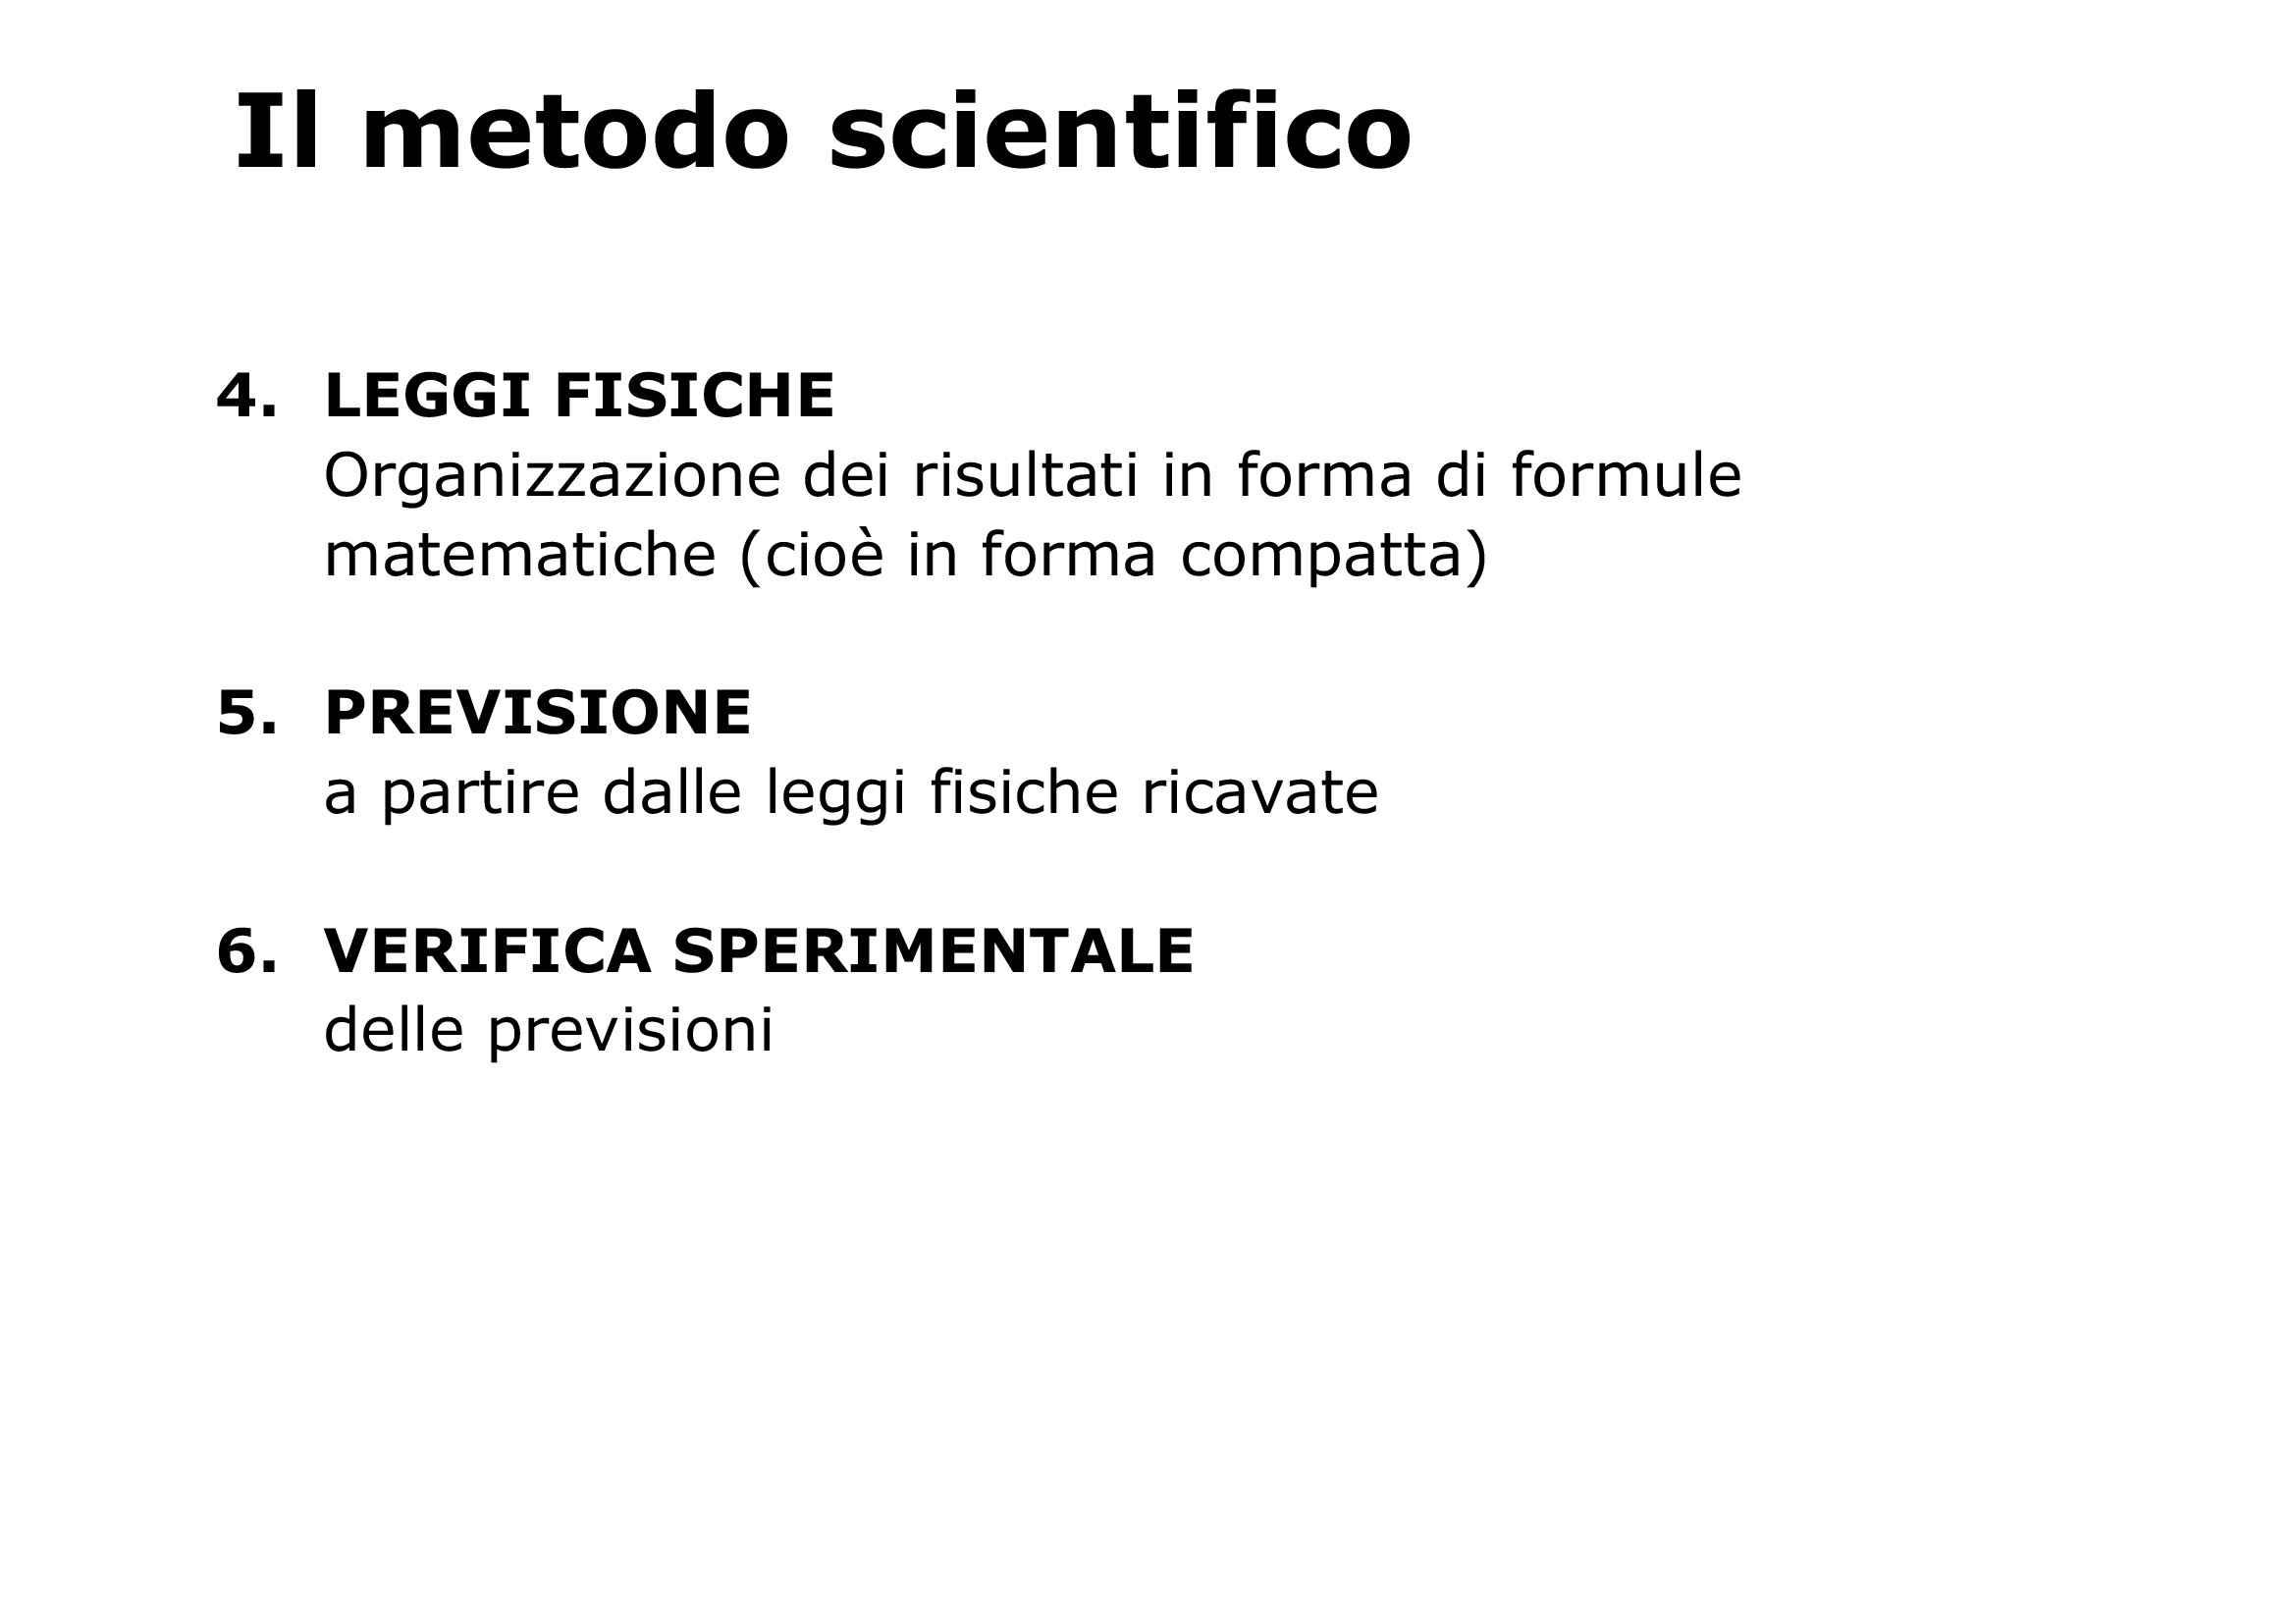 Riassunto esame Fisica Tecnica Ambientale, prof. Gori Pag. 6